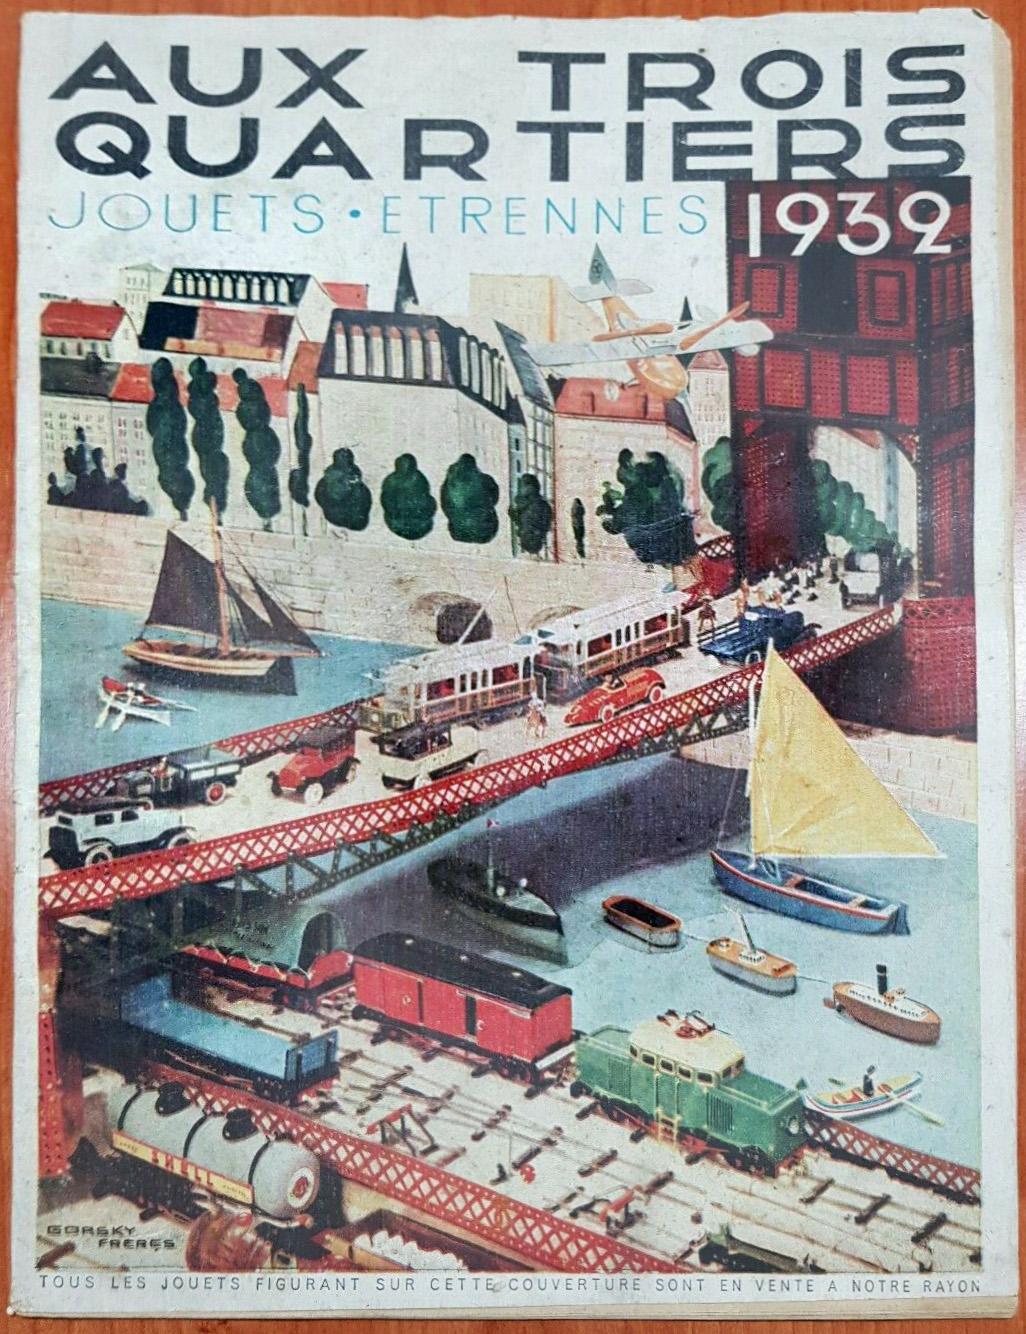 CATALOGUE JOUETS ANCIENS ETRENNES - AUX TROIS QUARTIERS 1932 GORSKY FRERES1